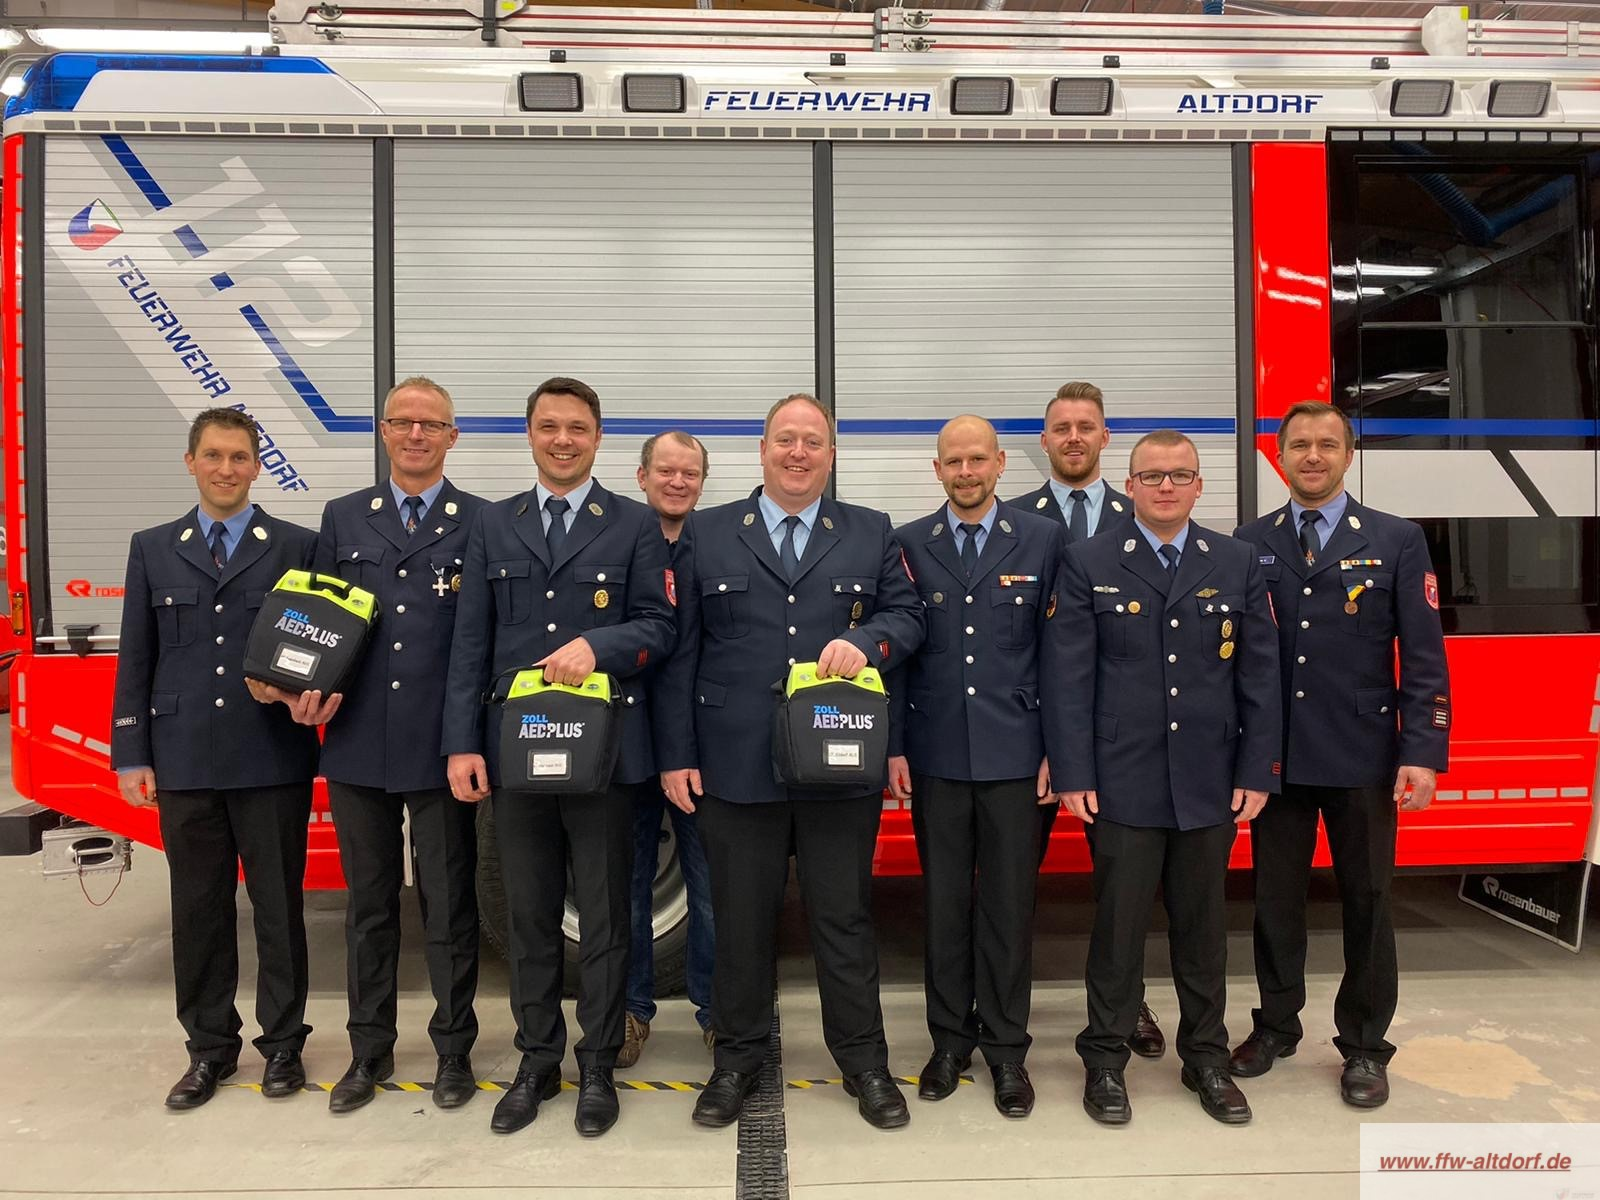 Beschaffung von drei Defibrillatoren für die Feuerwehren des Markt Altdorf